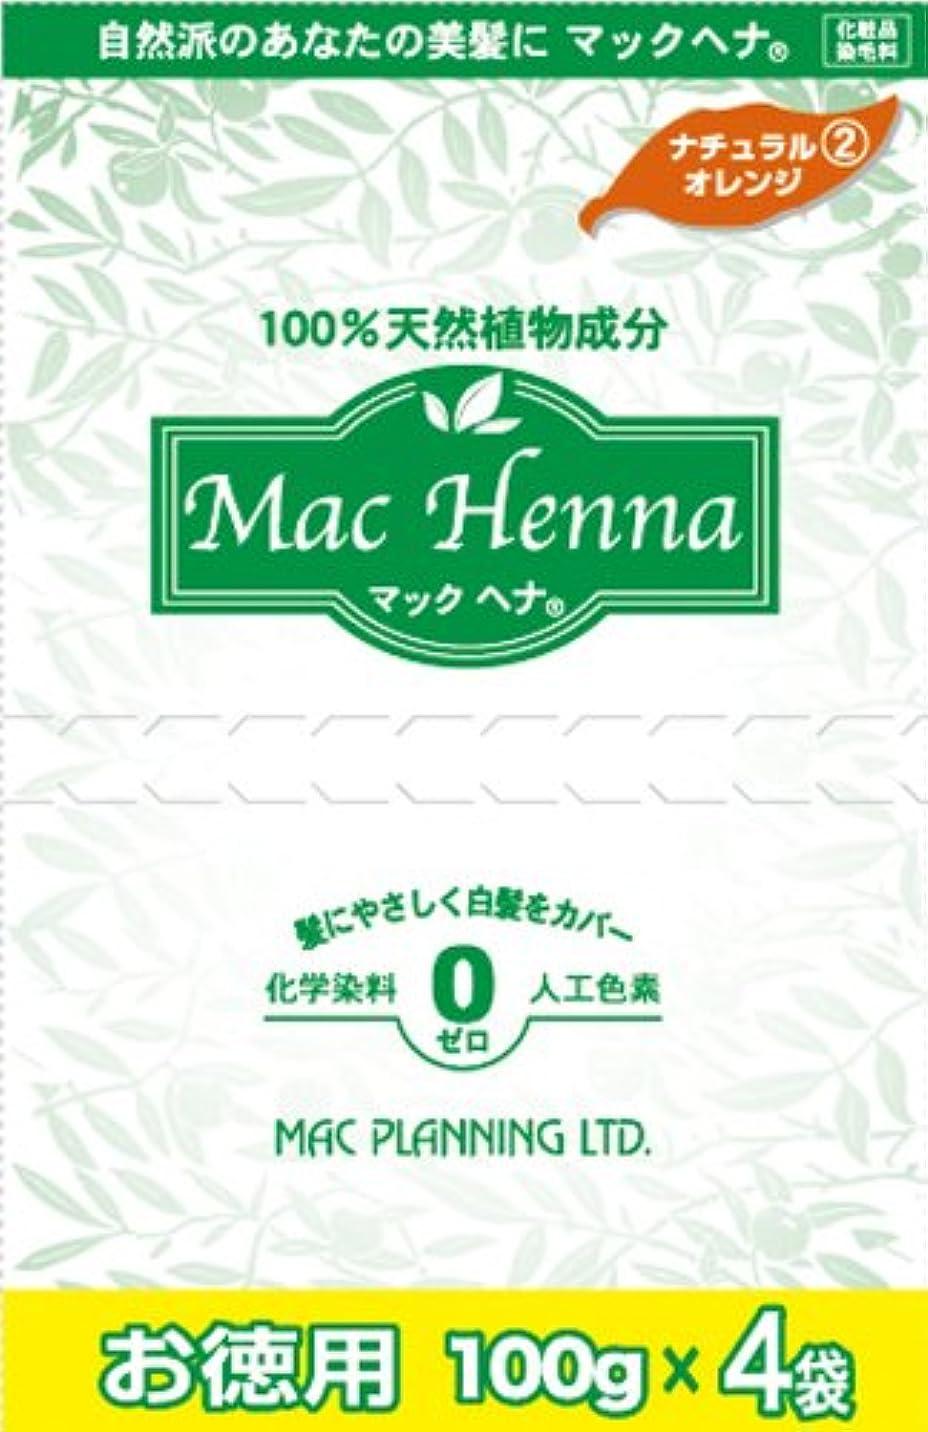 モールス信号妥協信条天然植物原料100% 無添加 マックヘナ お徳用(ナチュラルオレンジ)-2  400g(100g×4袋) 2箱セット